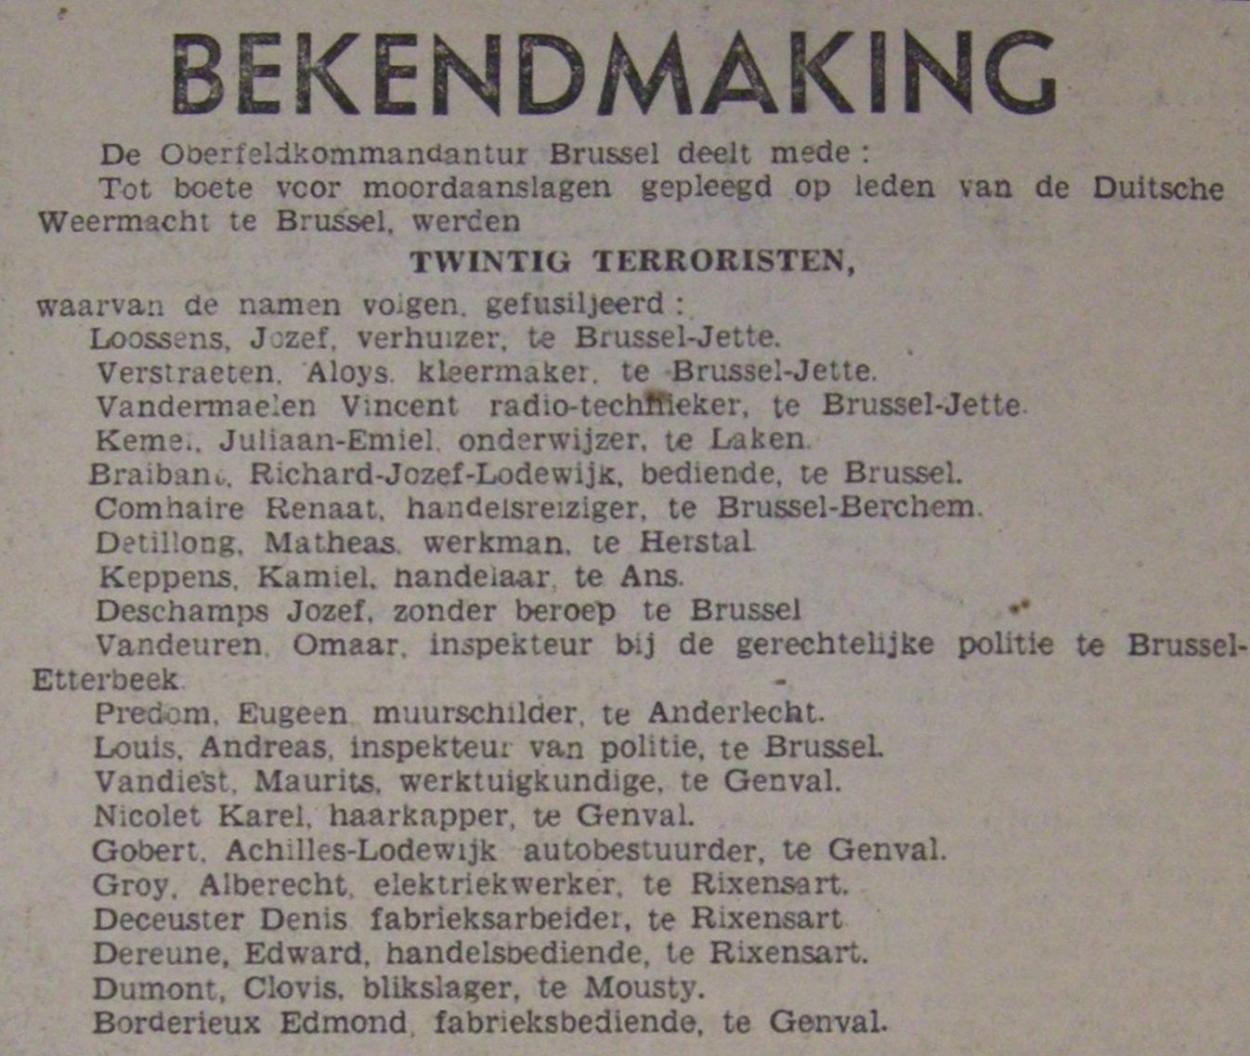 Predom_Laatste Nieuws 15 januari 1943